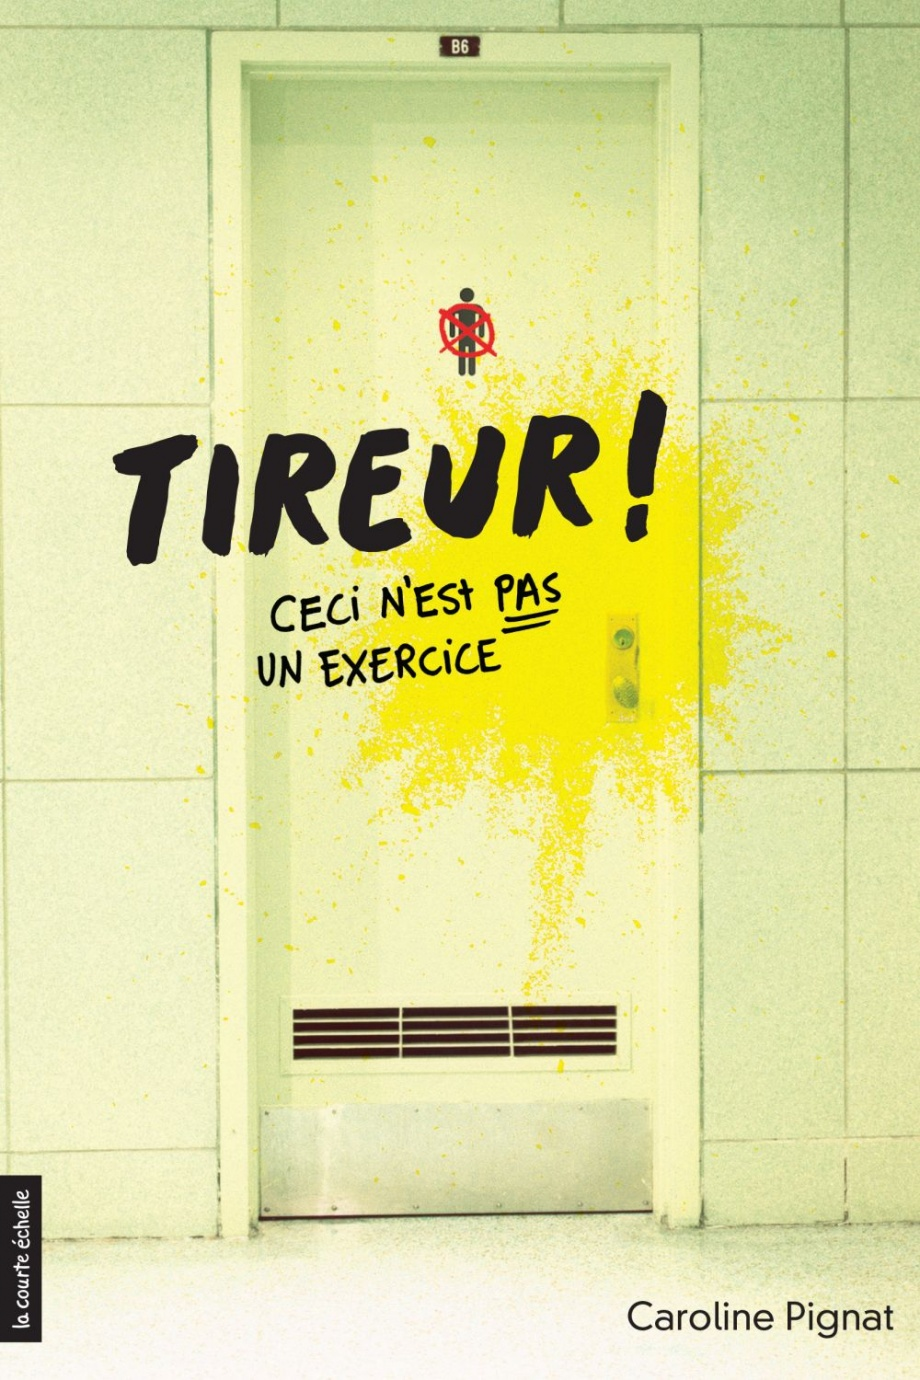 Tireur! : Ceci n'est pas un exercice